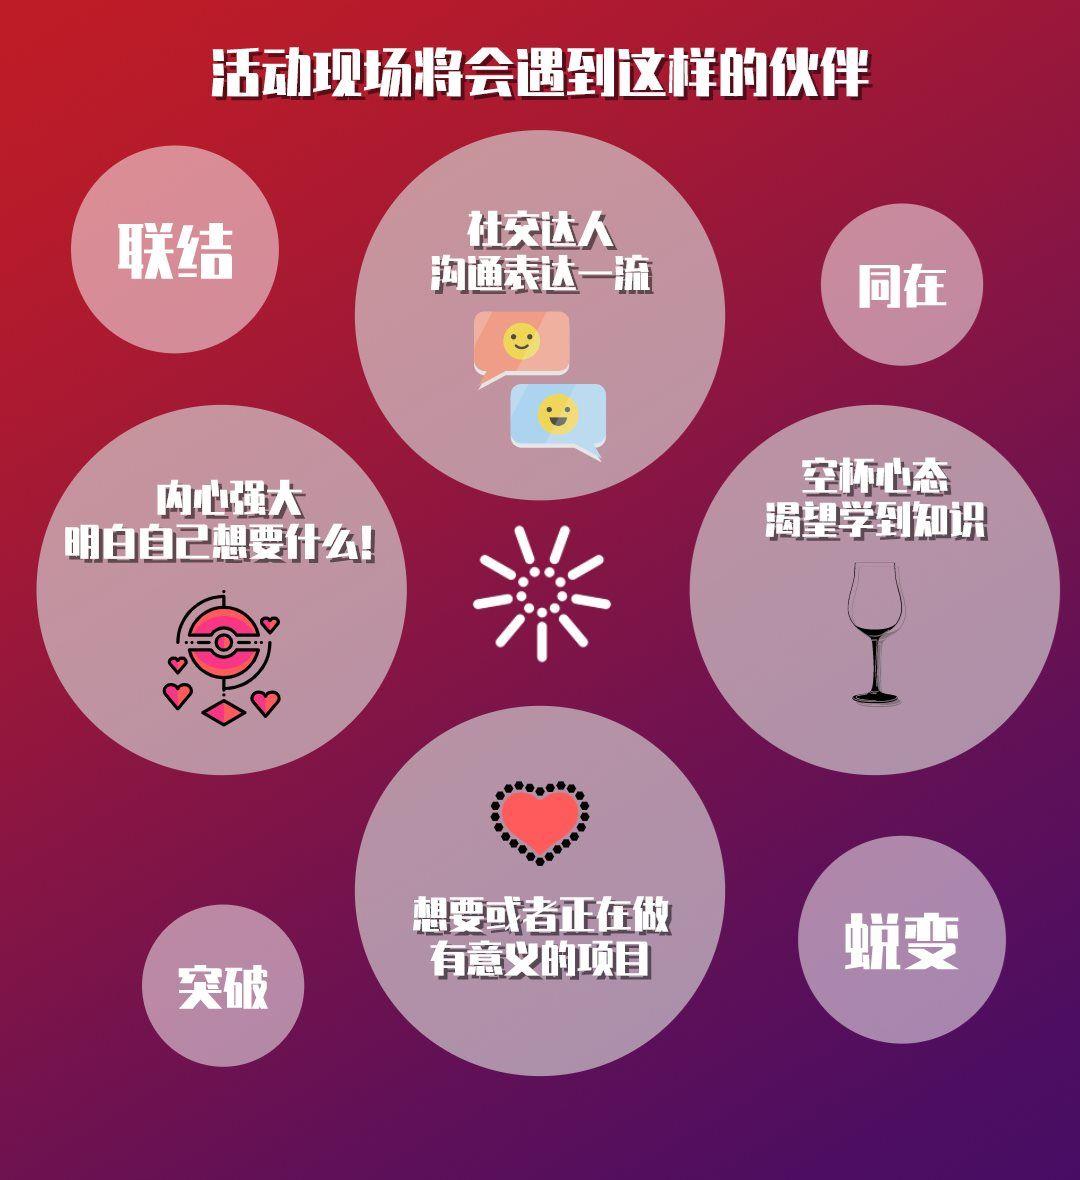 活动行用户.png